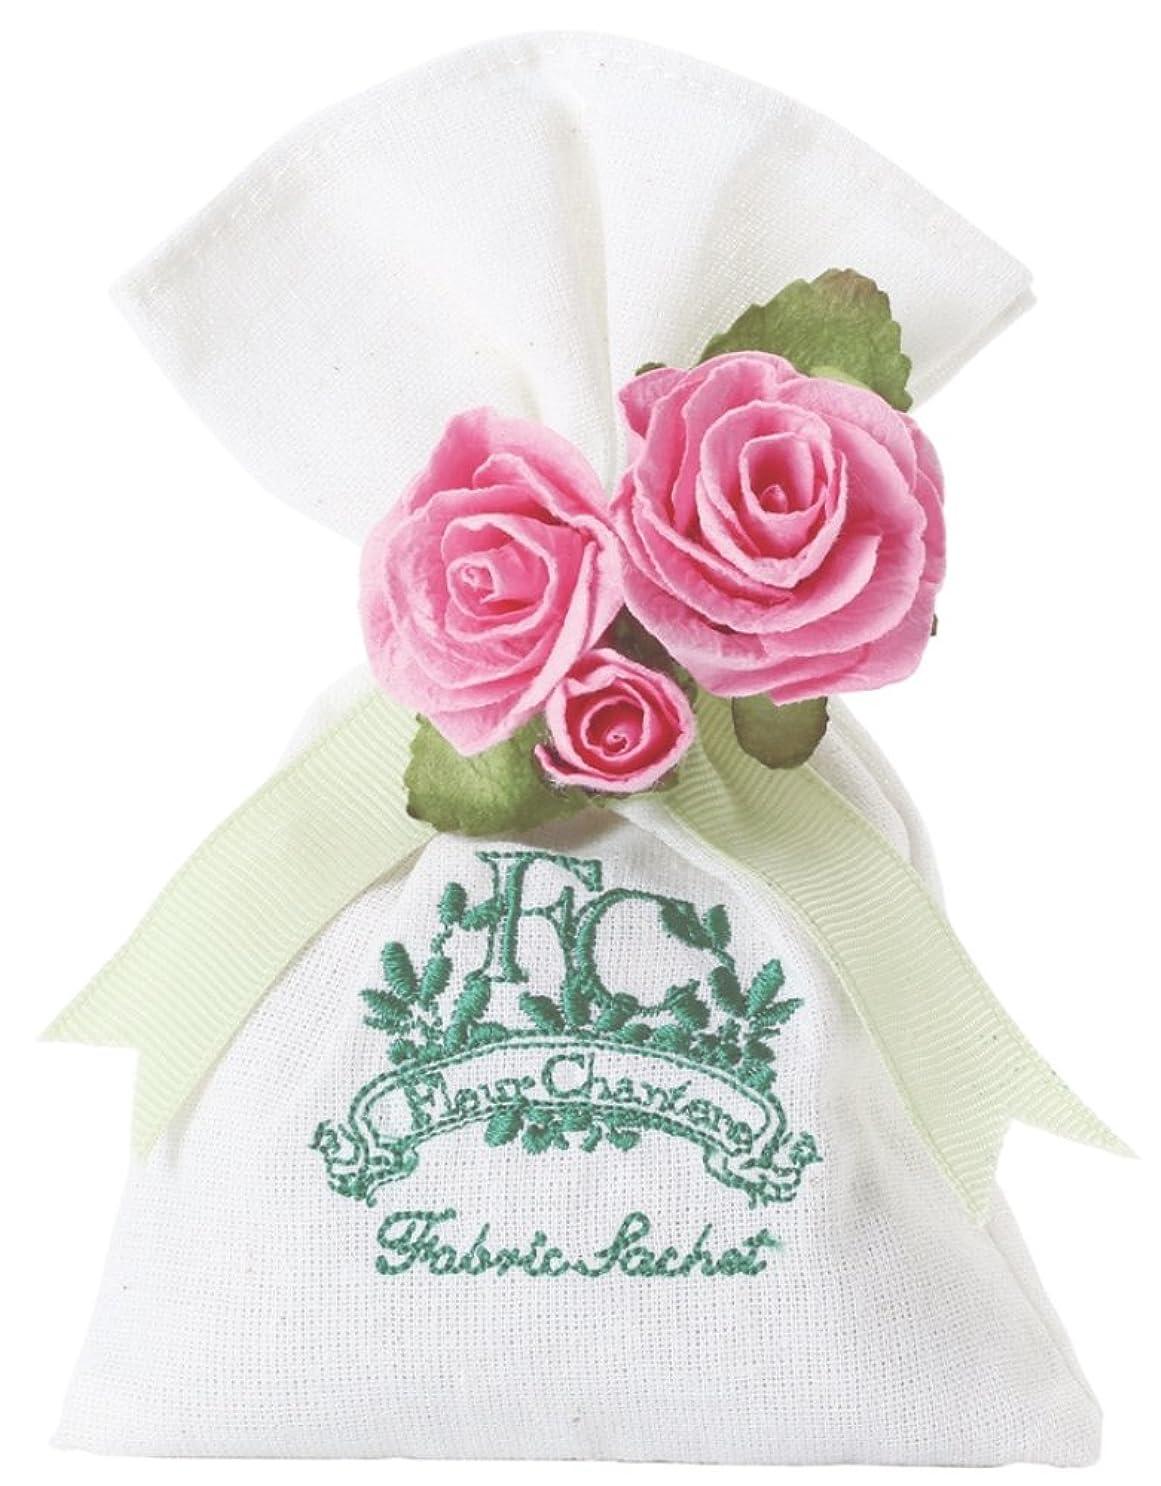 ダイジェストお勧め留まる芳香剤 フルールシャンテ カルム ファブリックサシェ スウィートローズ OA-RZS-3-2